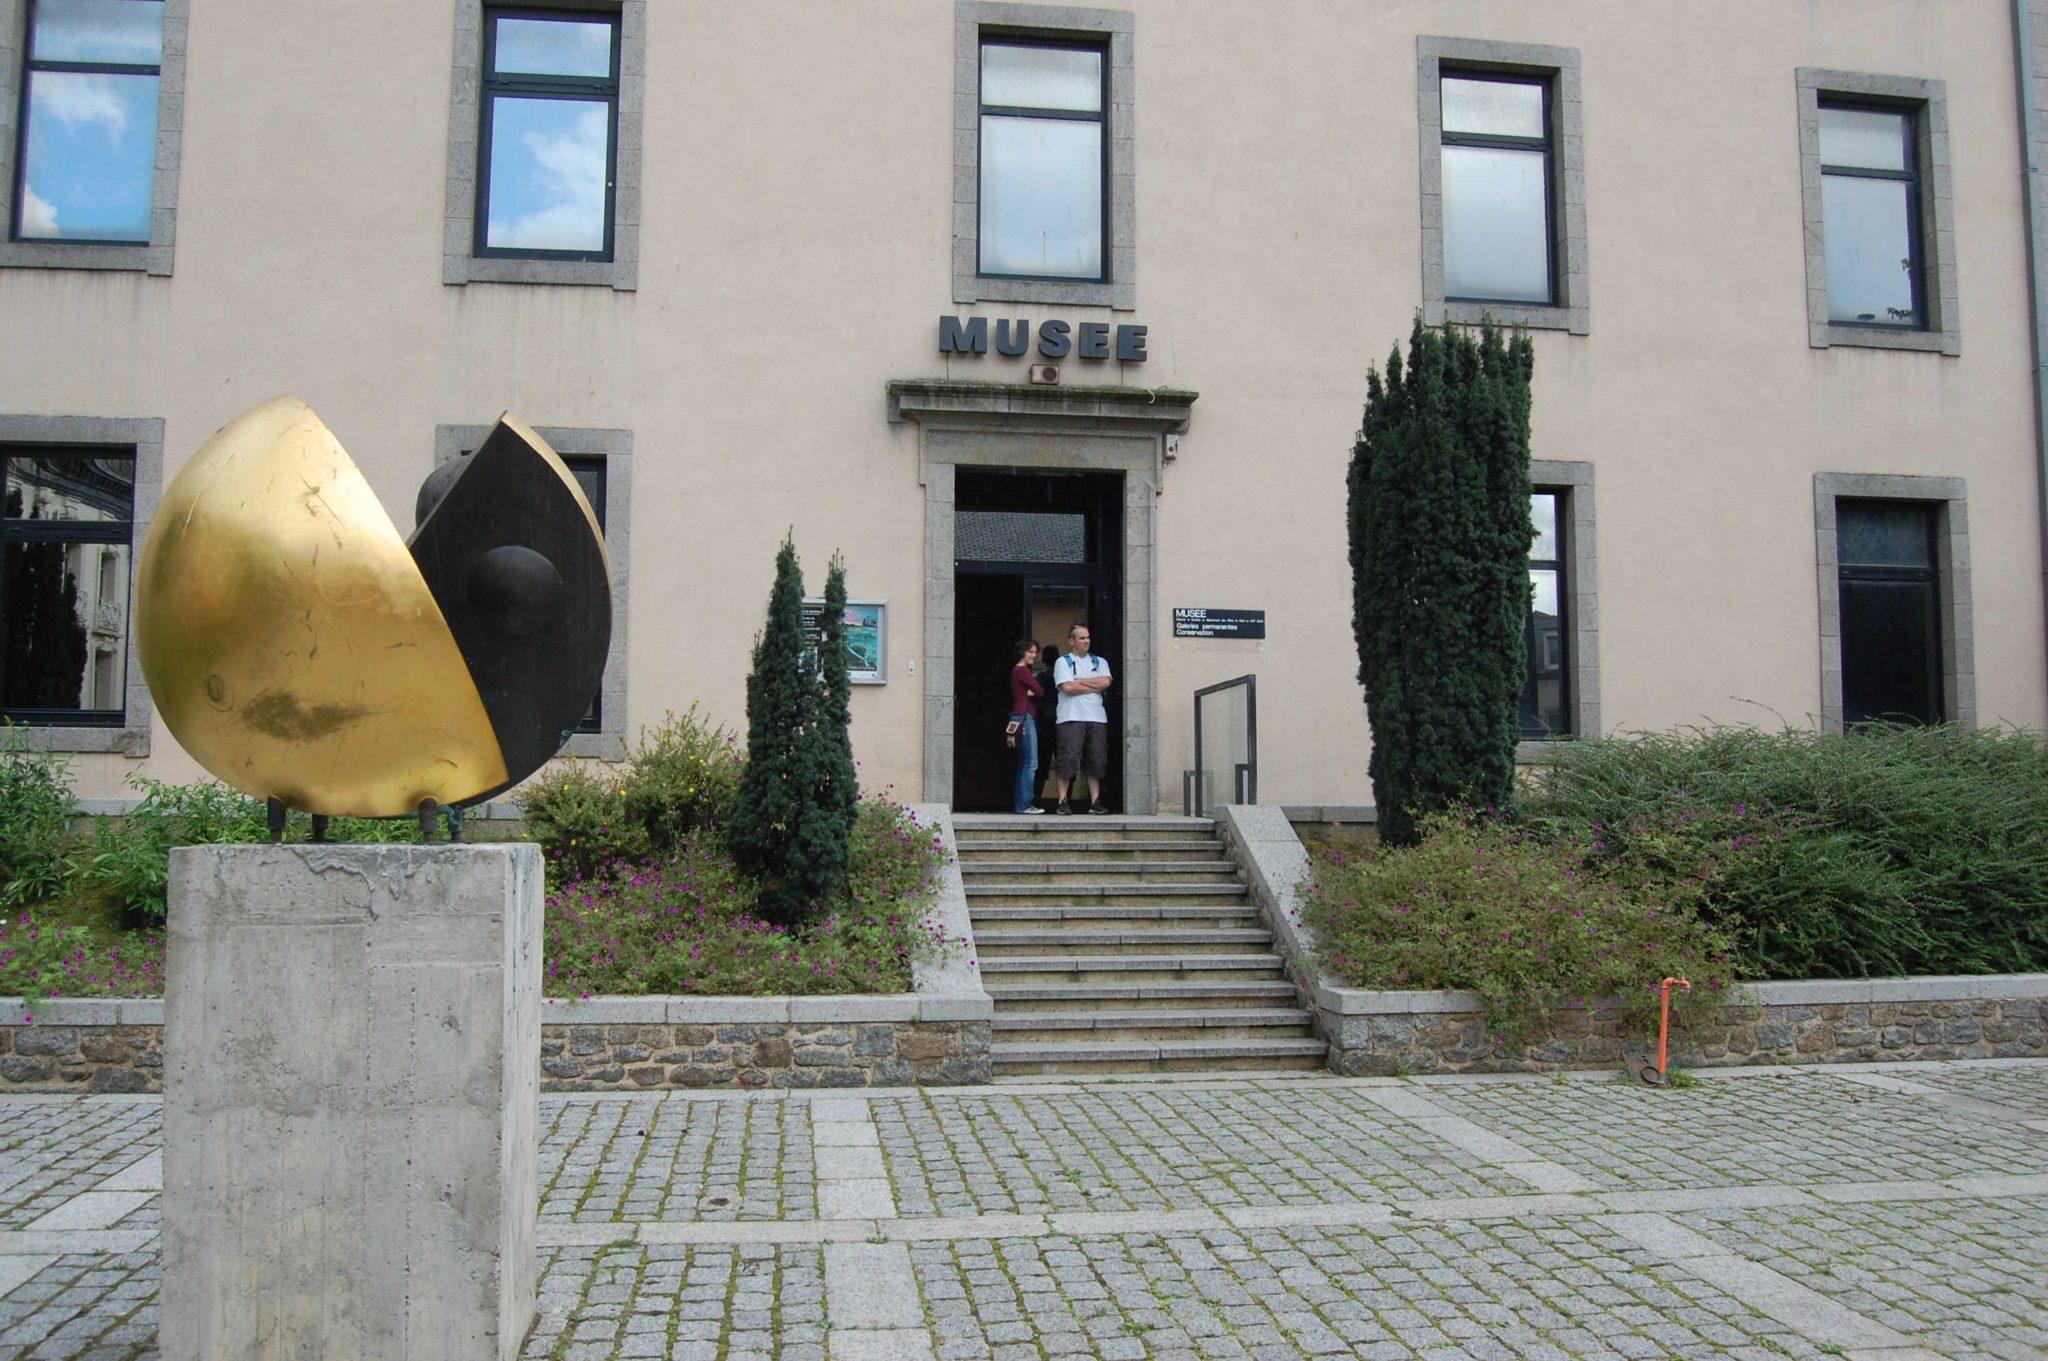 Музей искусств и истории Сен-Бриё в Бретани